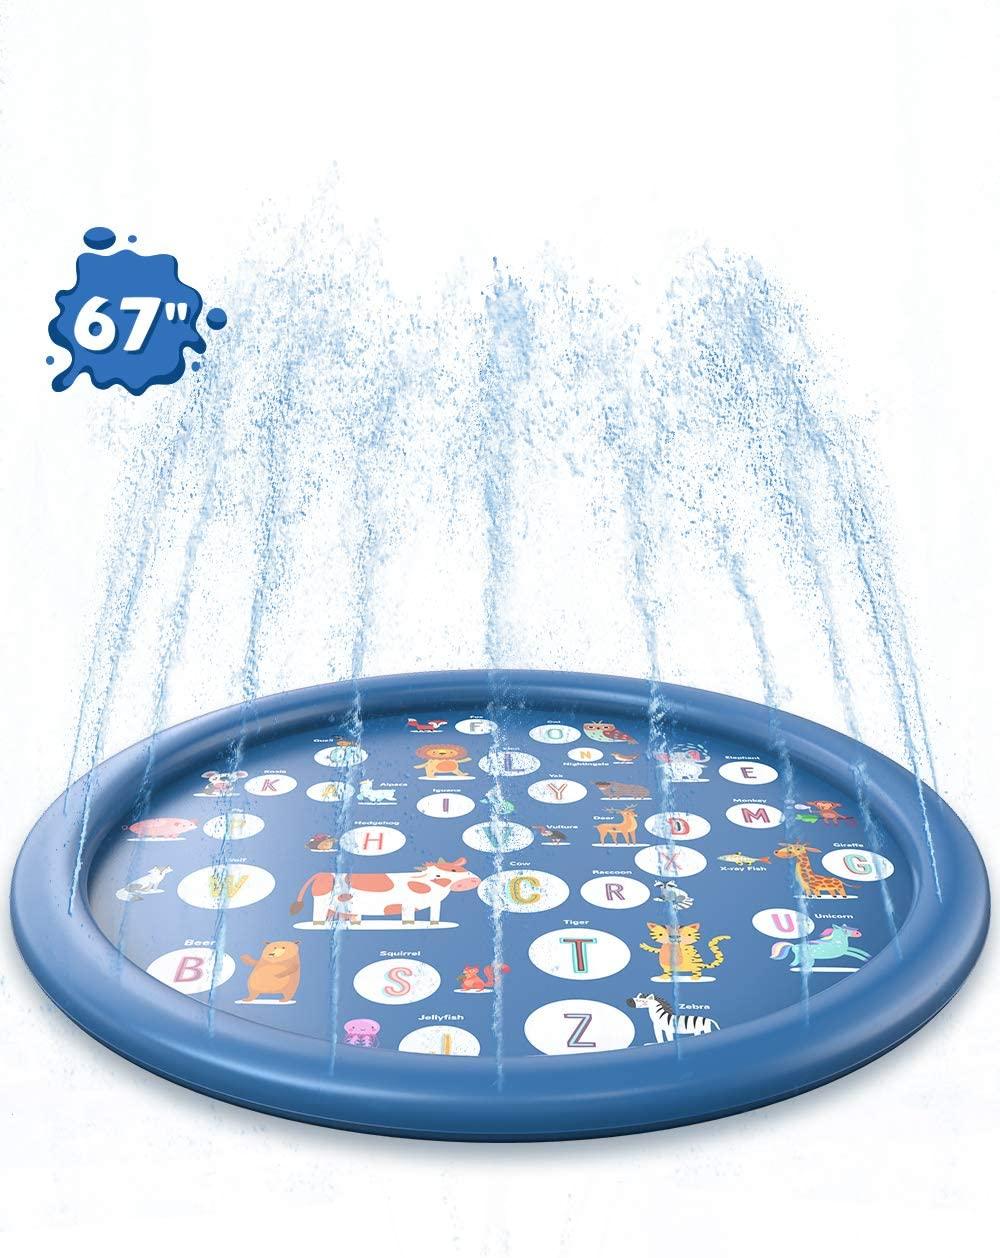 LANXU Splash Pad, 67